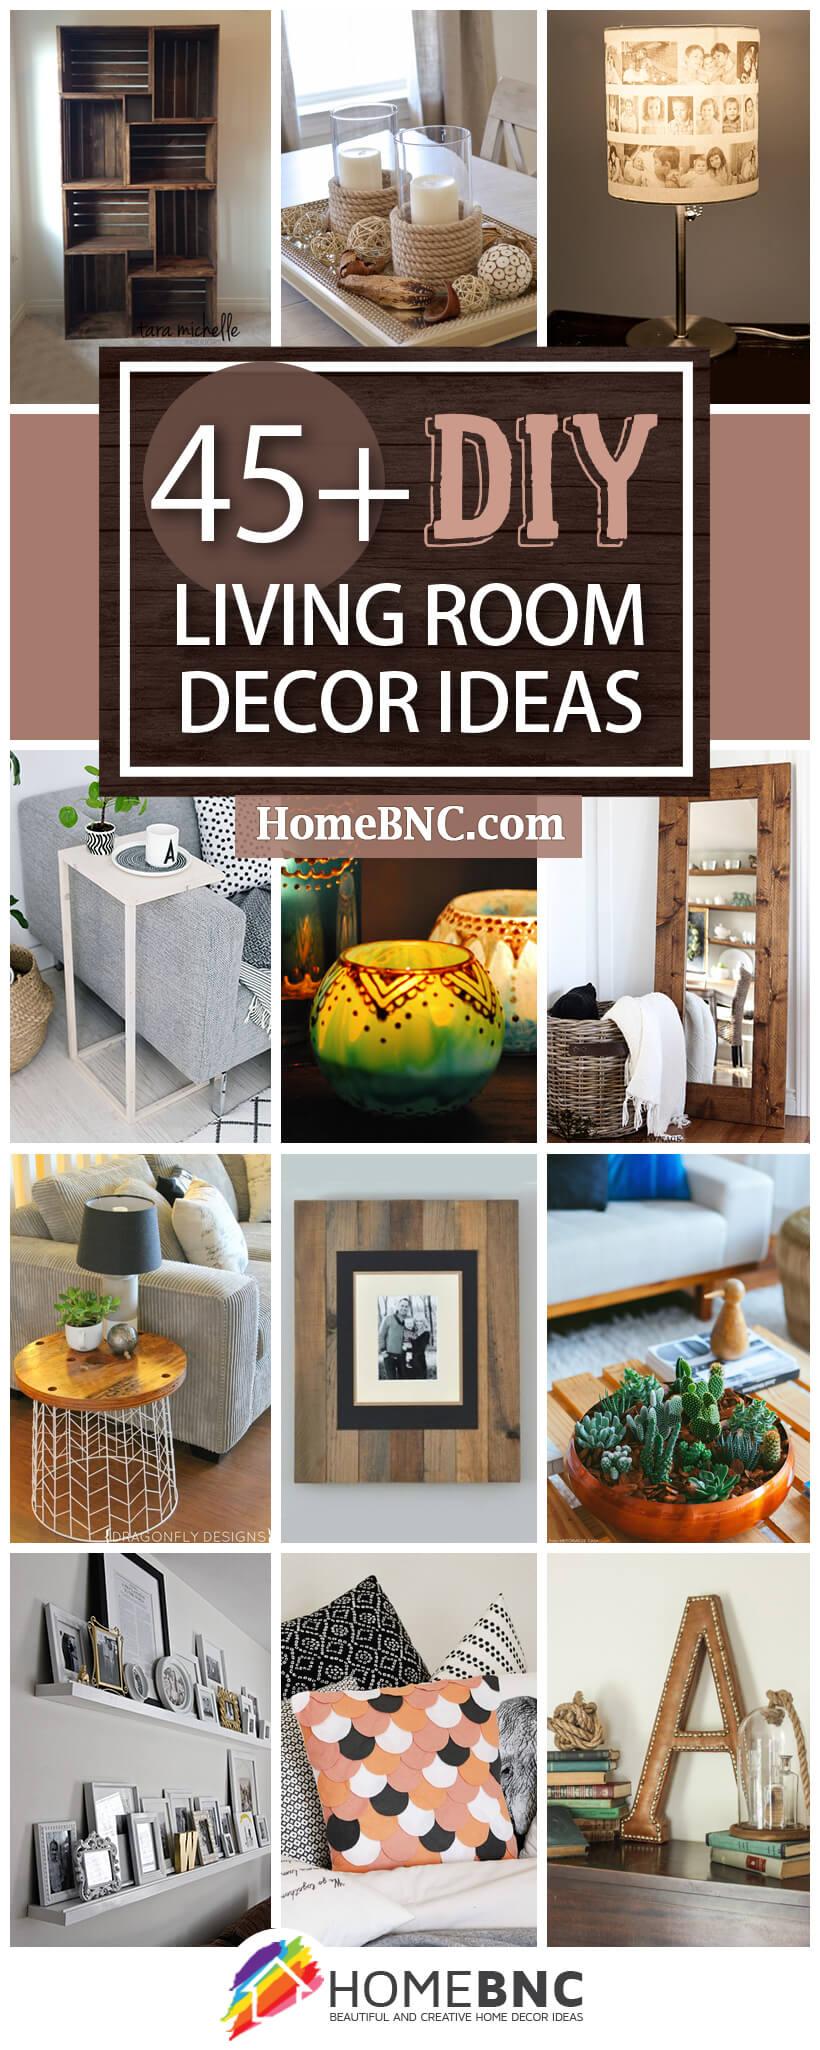 Diy Home Design Ideas Living Room Software